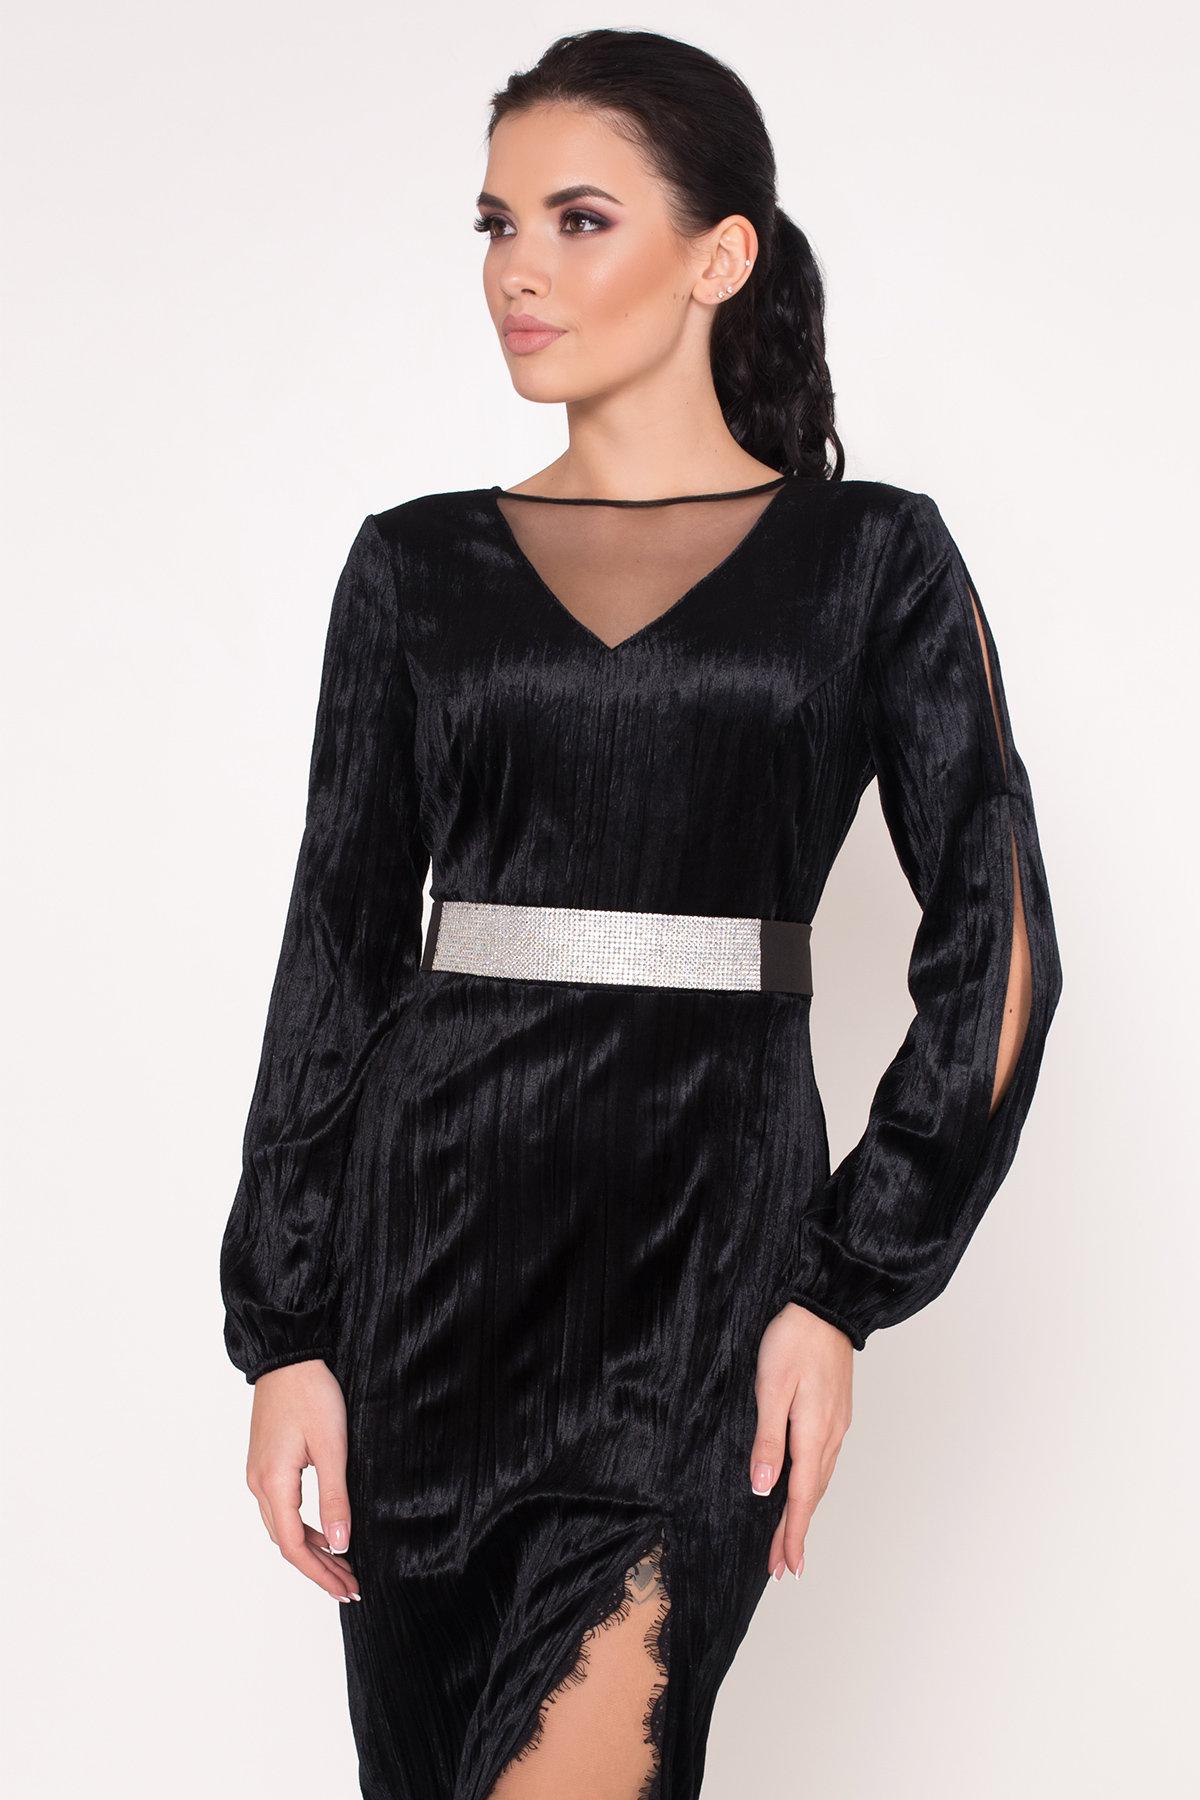 Велюровое платье-миди длины Блек 8652 АРТ. 44974 Цвет: Черный - фото 8, интернет магазин tm-modus.ru